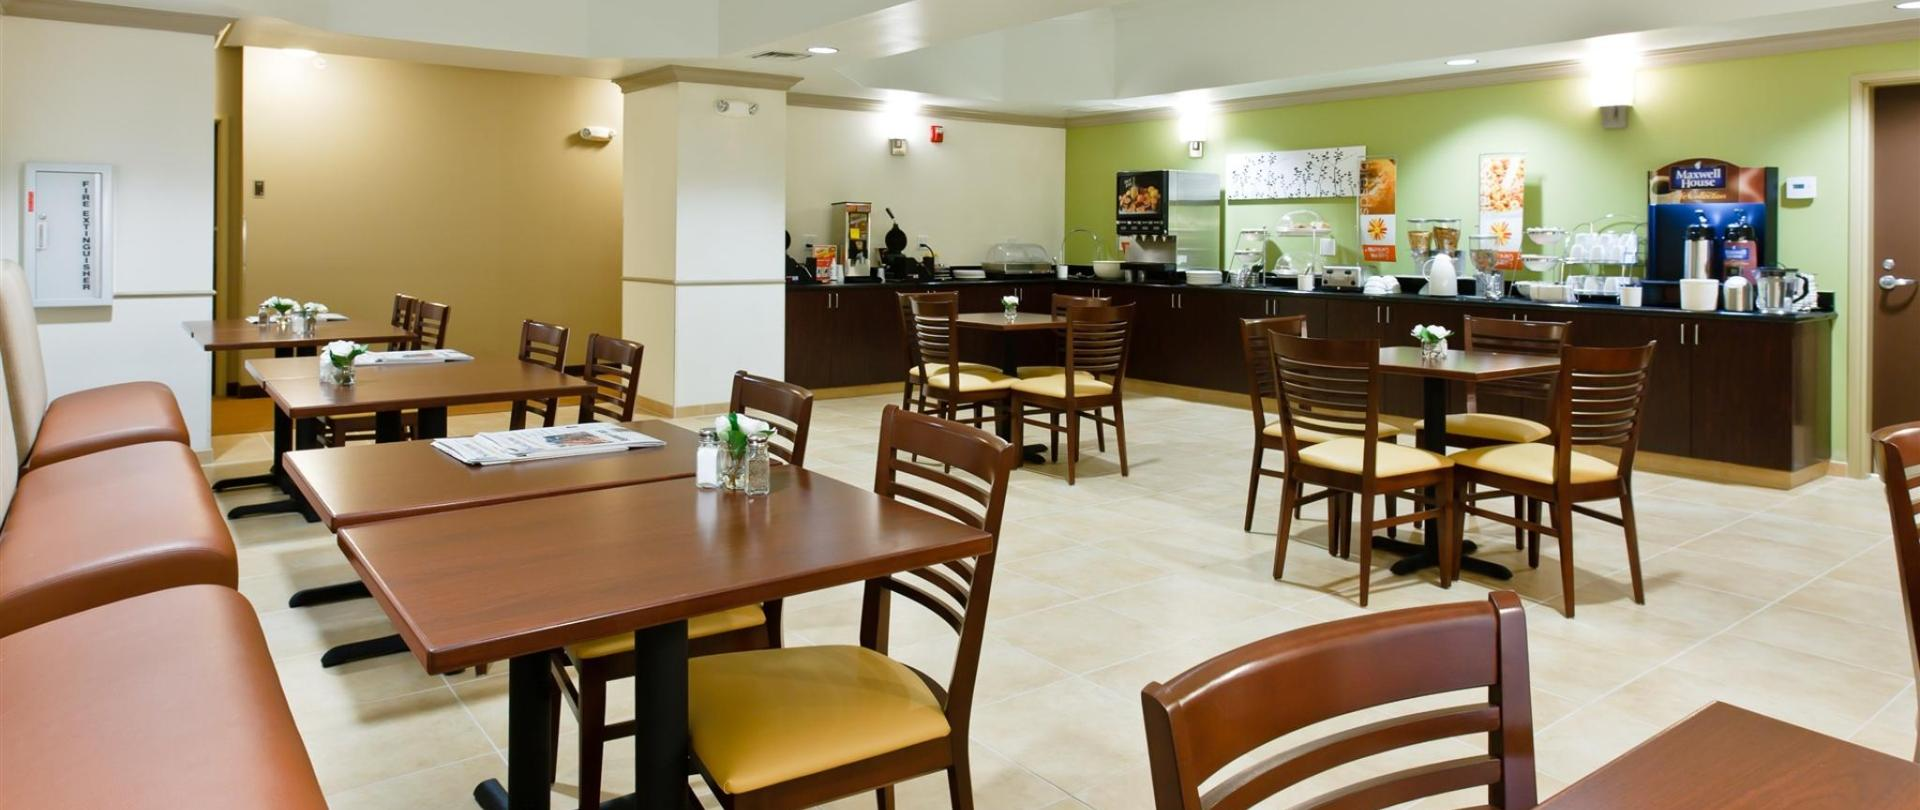 ks148-sleep-inn-breakfast-area-1.jpg